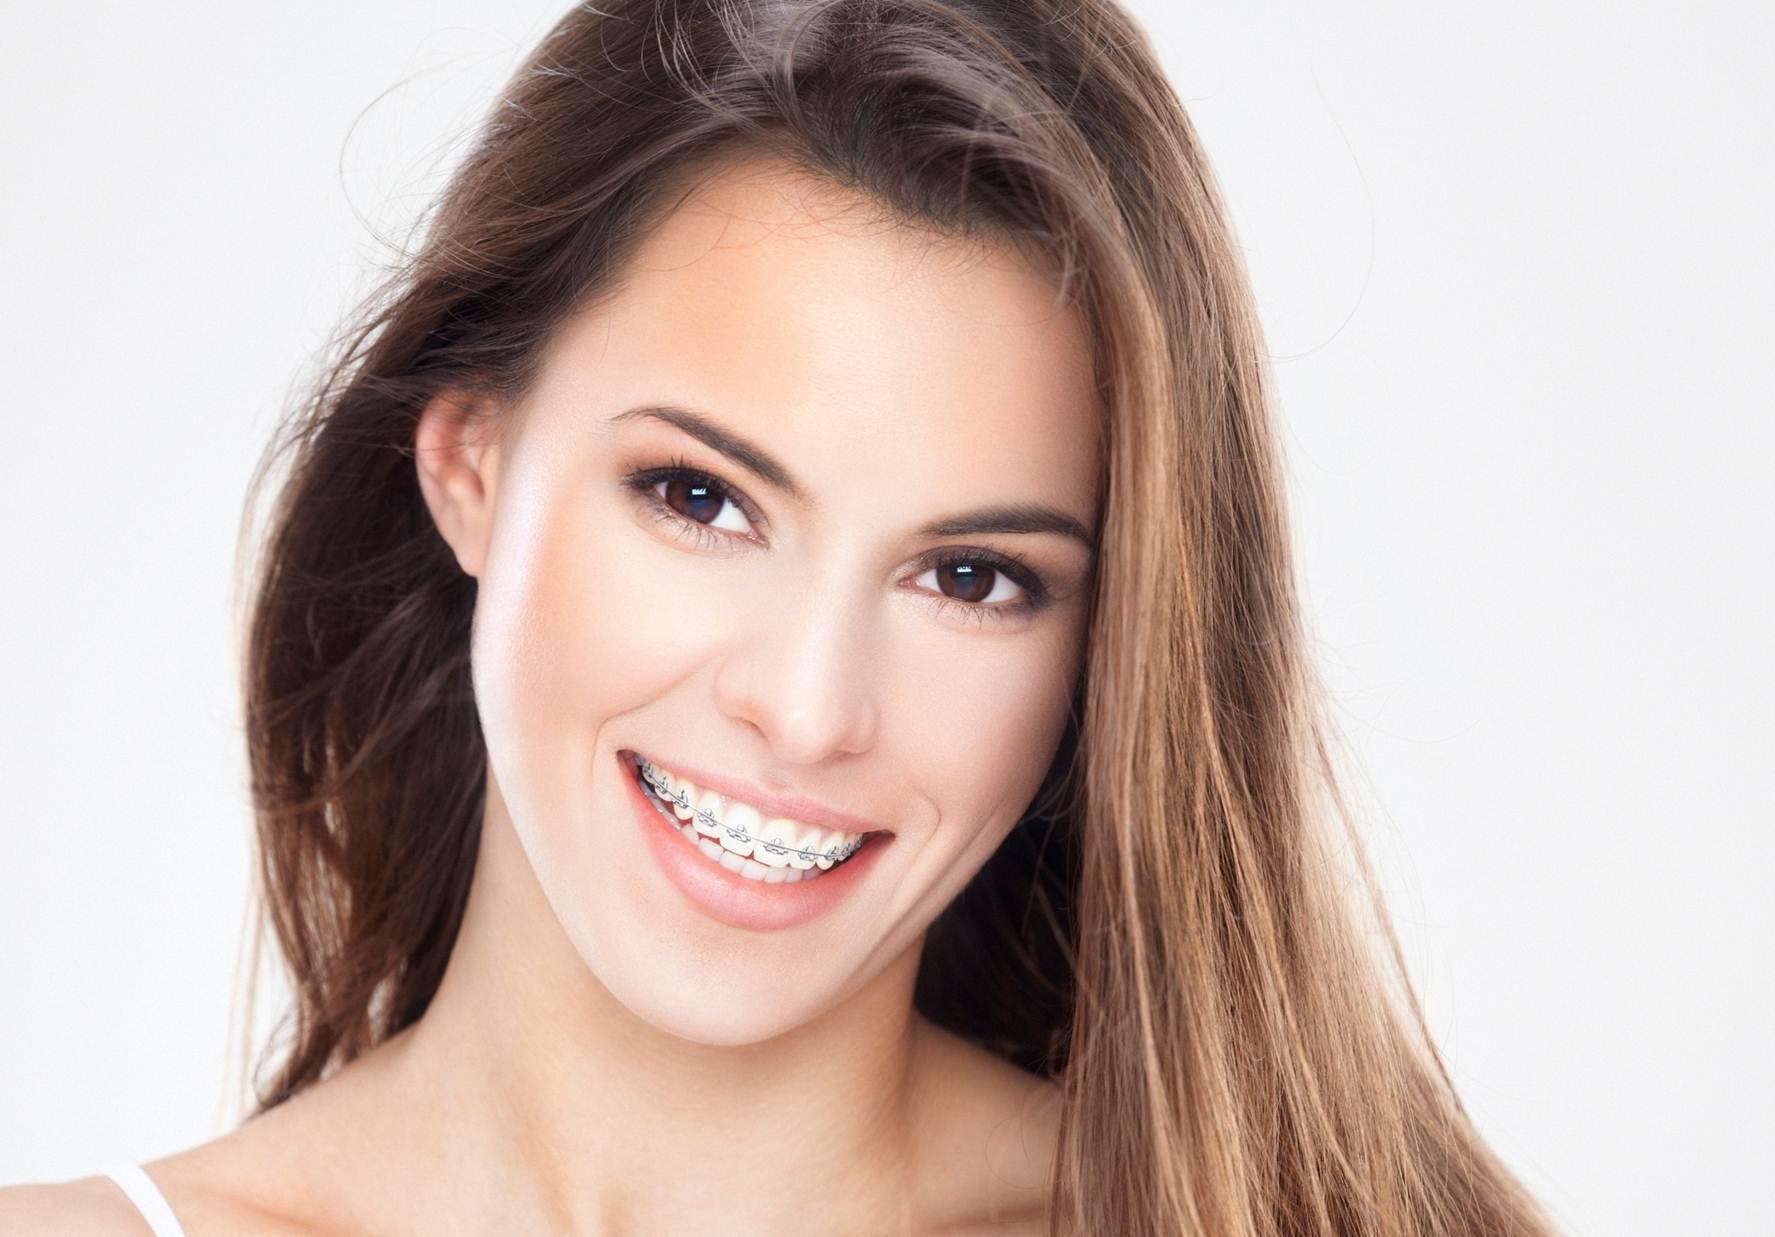 A woman wearing braces